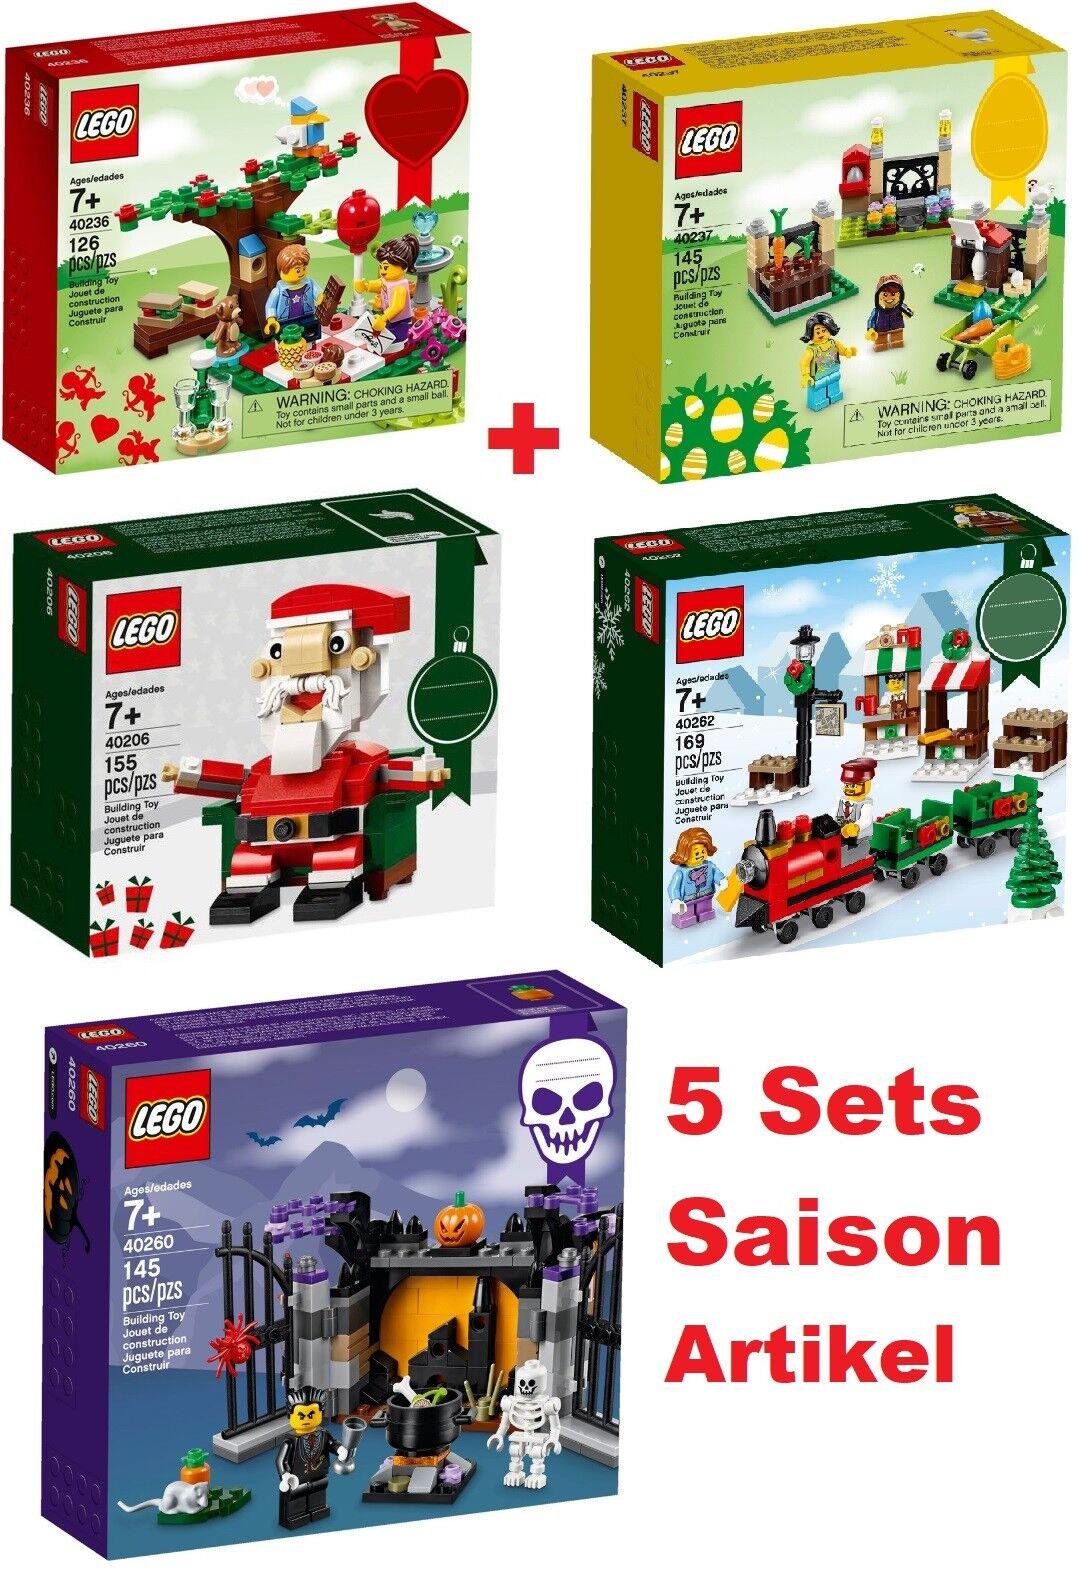 Lego 5 Séries Saison Article - 40206 402624023640237 40260 - Neuf